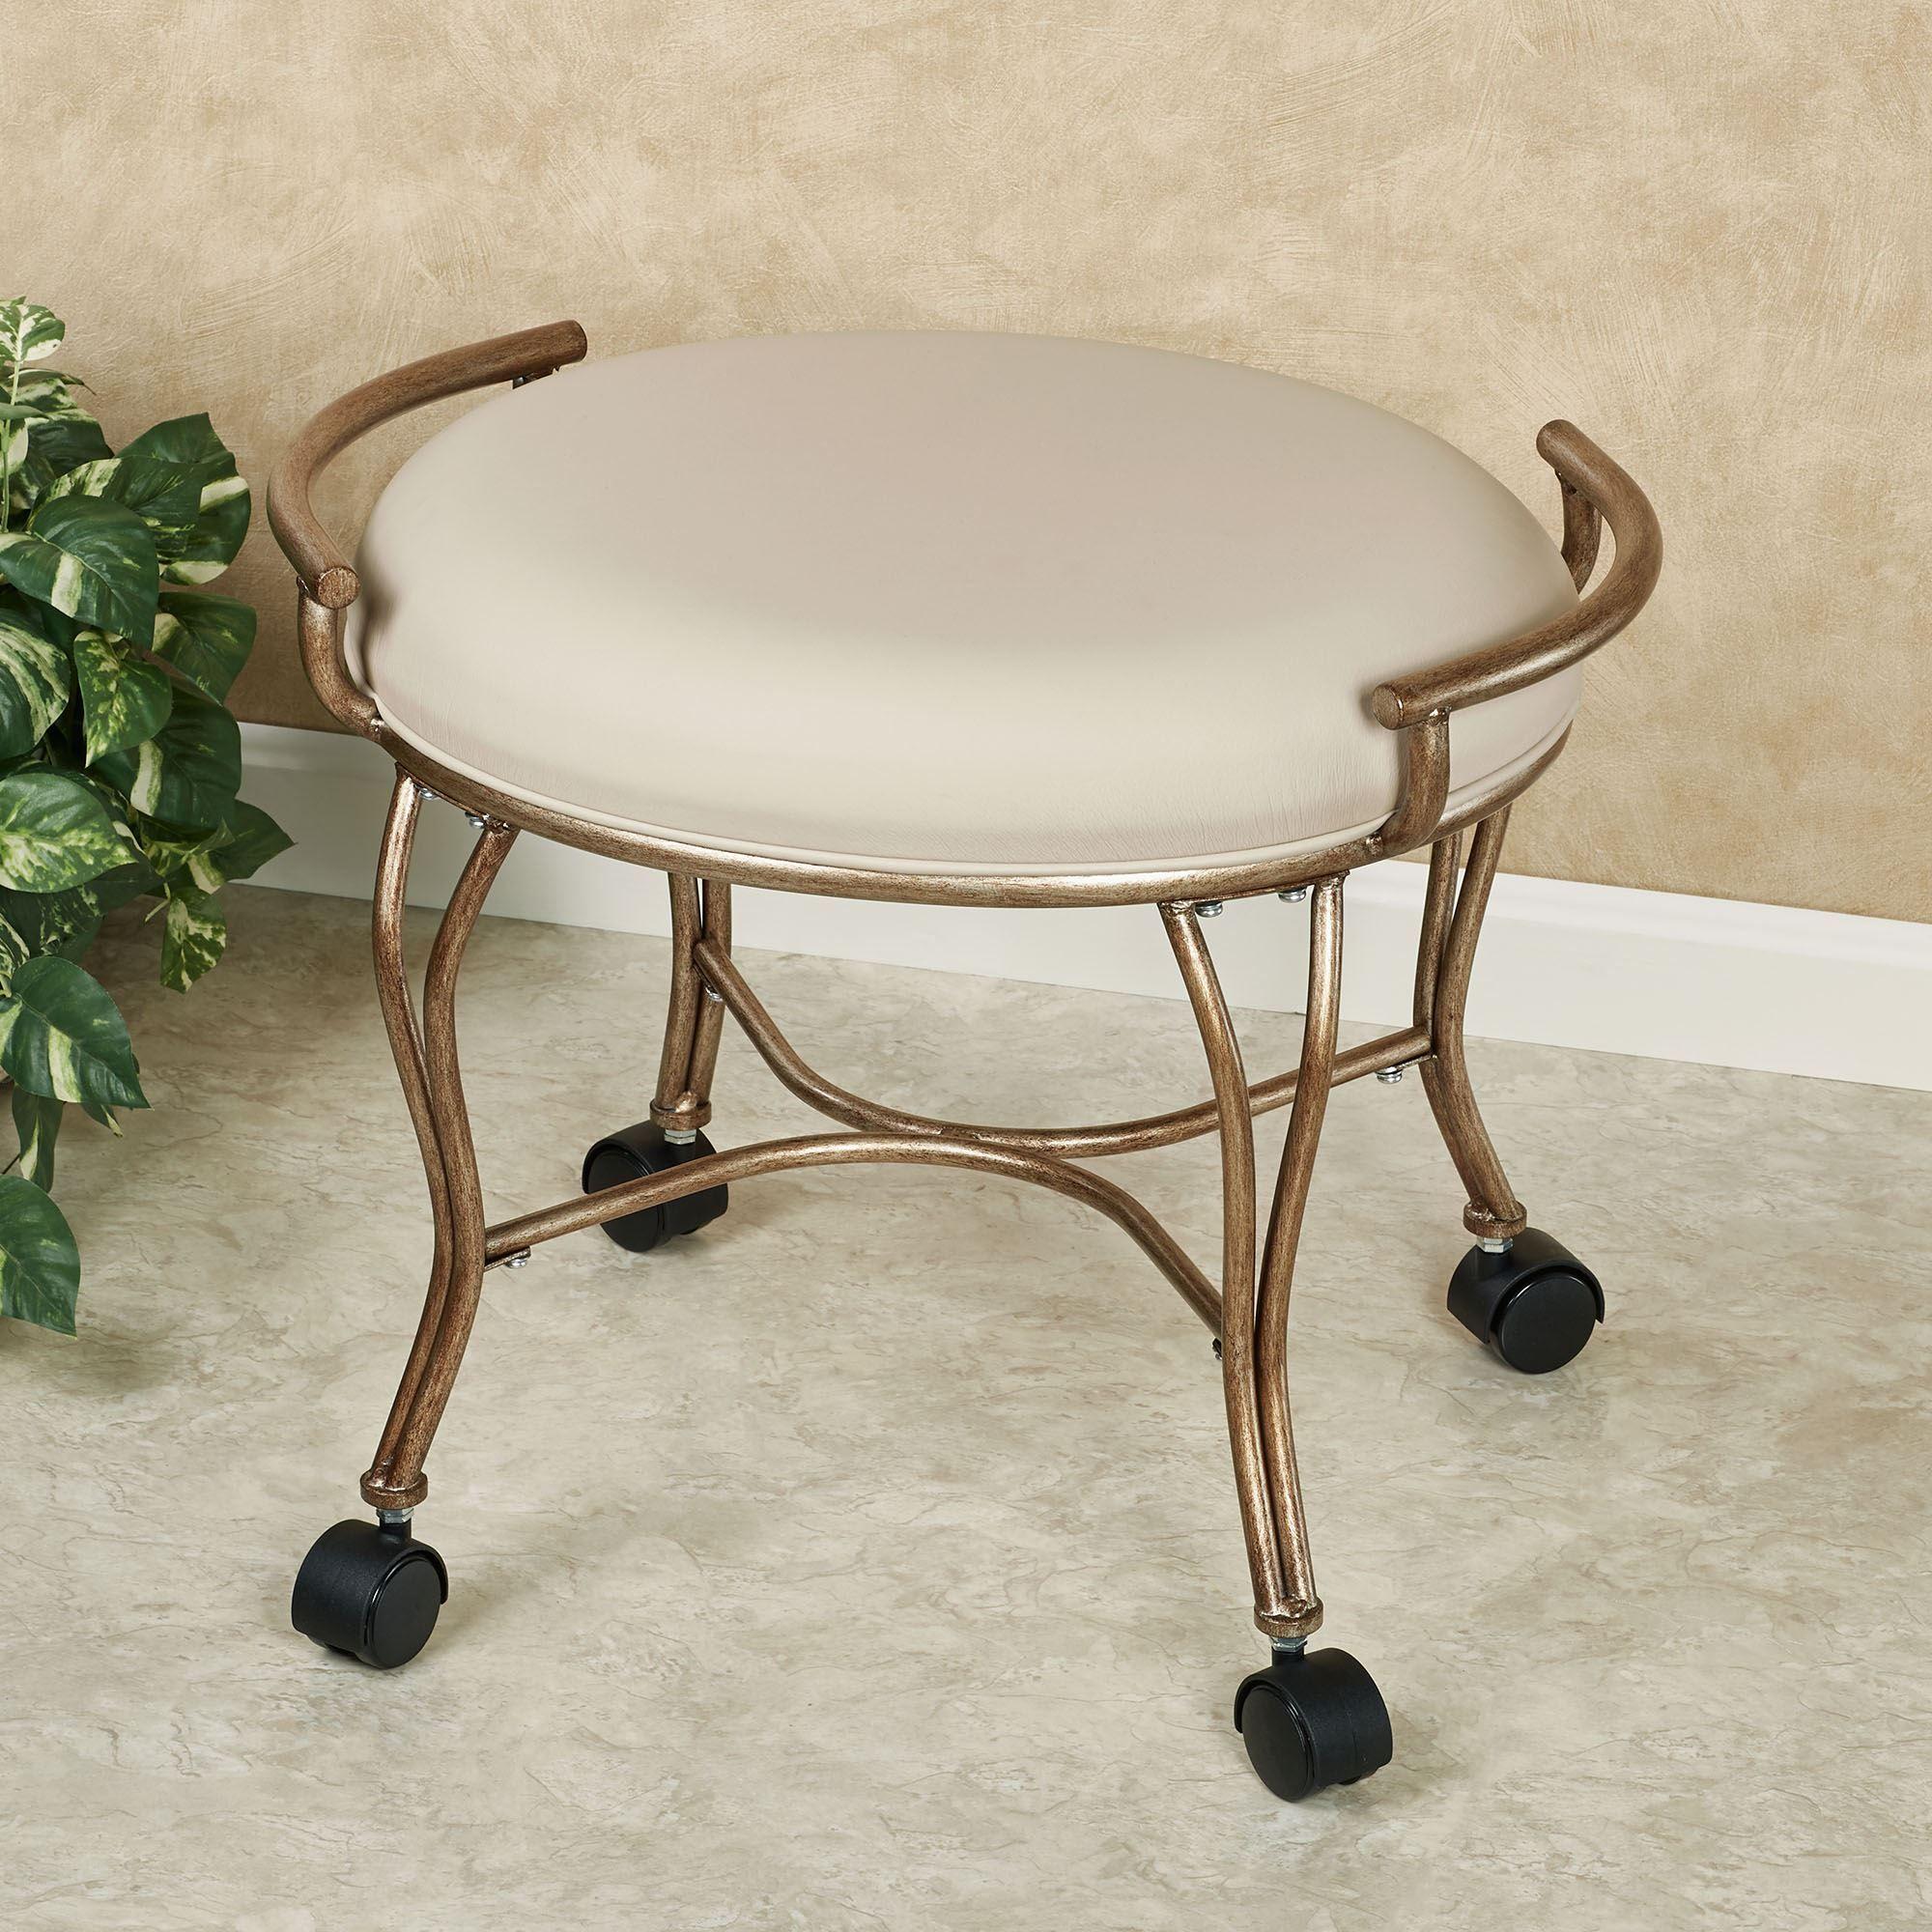 Contessa golden bronze vanity stool with caster wheels in